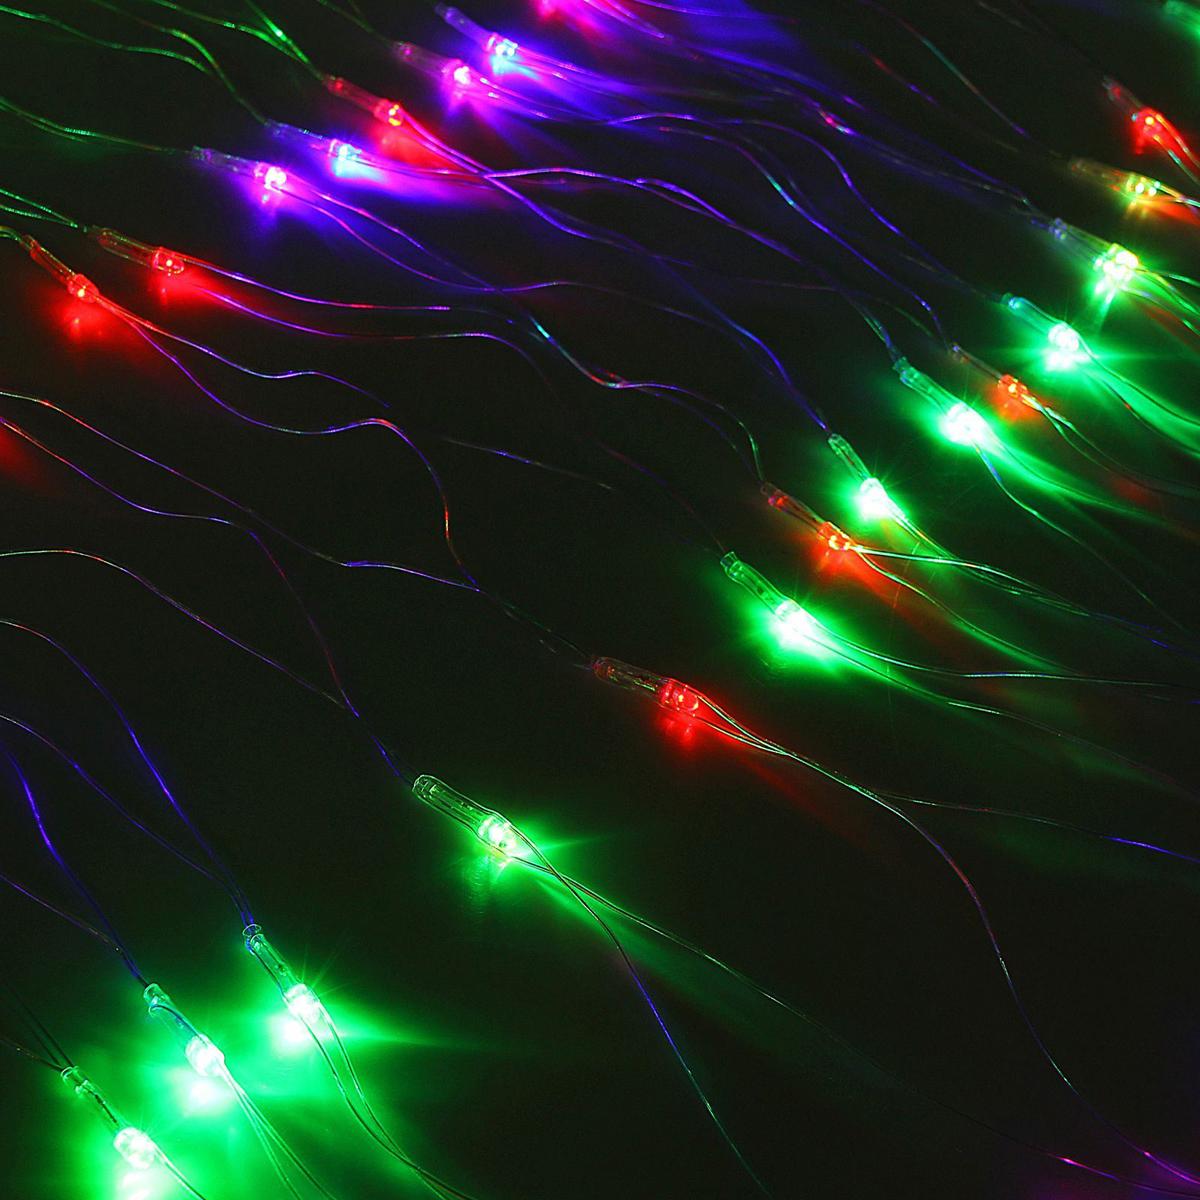 Гирлянда Luazon Сетка, длина 0,9 м, LED 120 ламп, 220V, цвет: мультиколор. 10804841080484Светодиодные гирлянды, ленты и т.д — это отличный вариант для новогоднего оформления интерьера или фасада. С их помощью помещение любого размера можно превратить в праздничный зал, а внешние элементы зданий, украшенные ими, мгновенно станут напоминать очертания сказочного дворца. Такие украшения создают ауру предвкушения чуда. Деревья, фасады, витрины, окна и арки будто специально созданы, чтобы вы украсили их светящимися нитями.